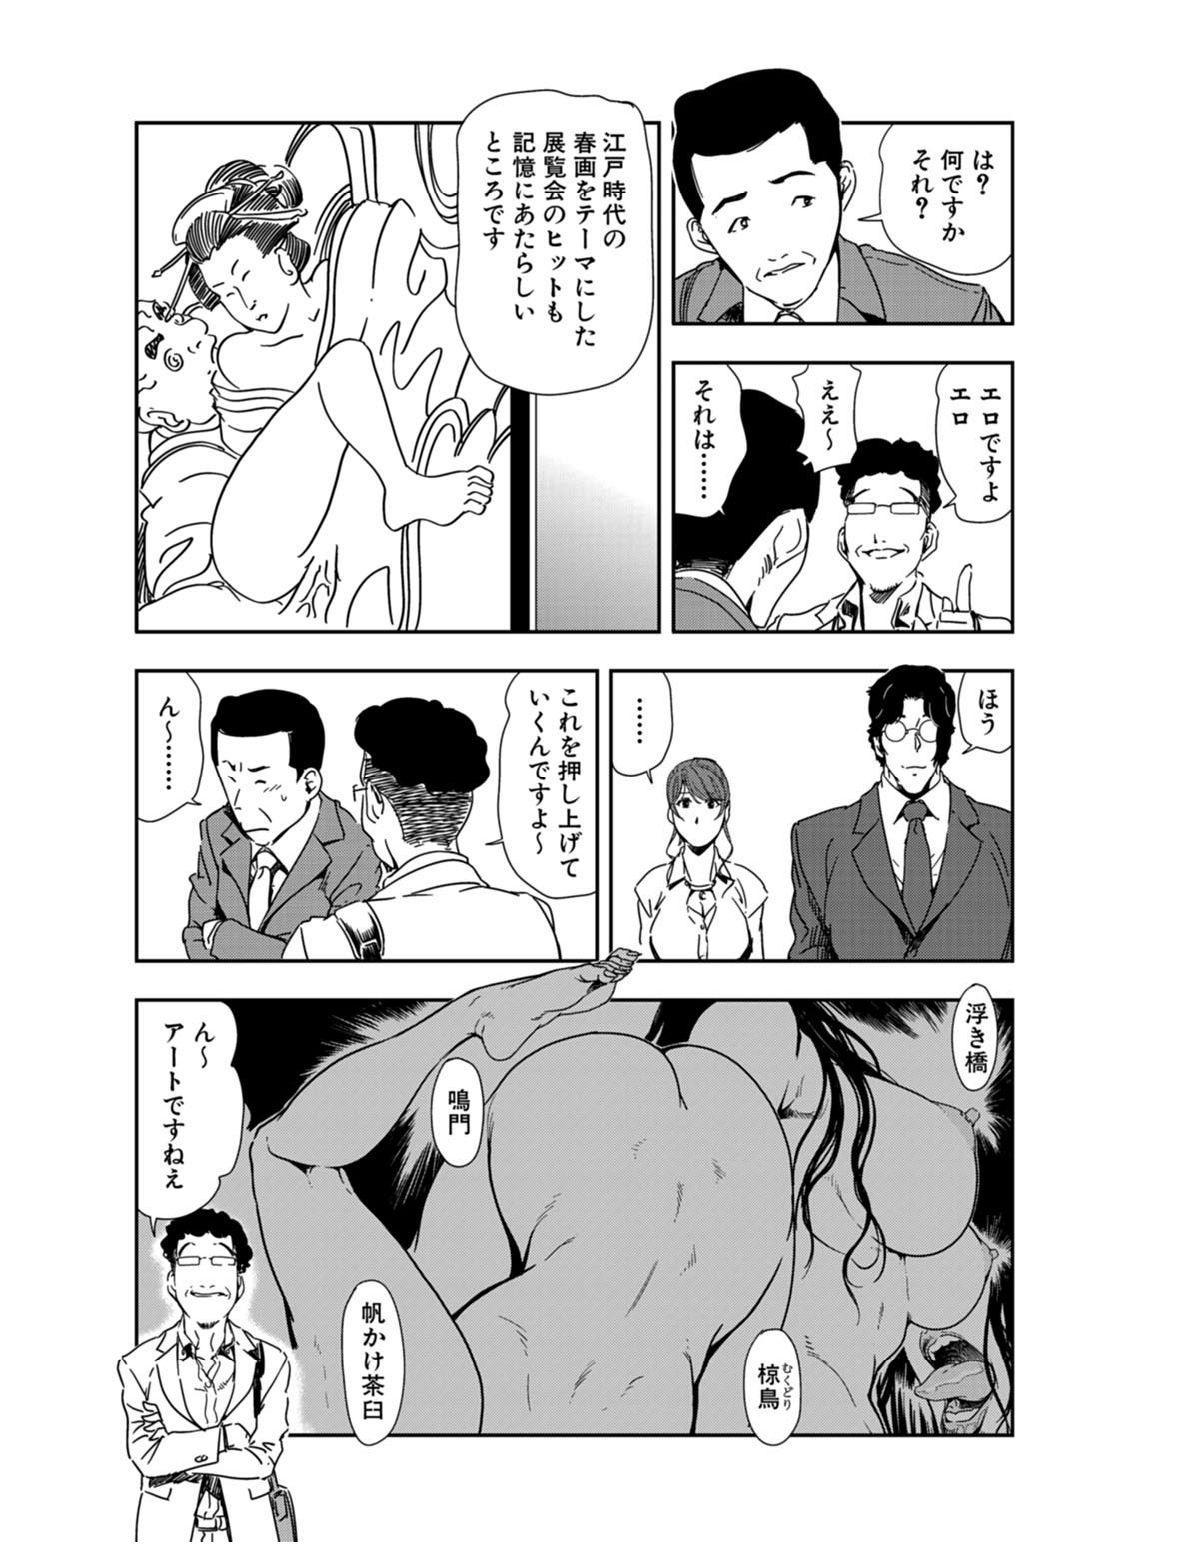 Nikuhisyo Yukiko 21 81